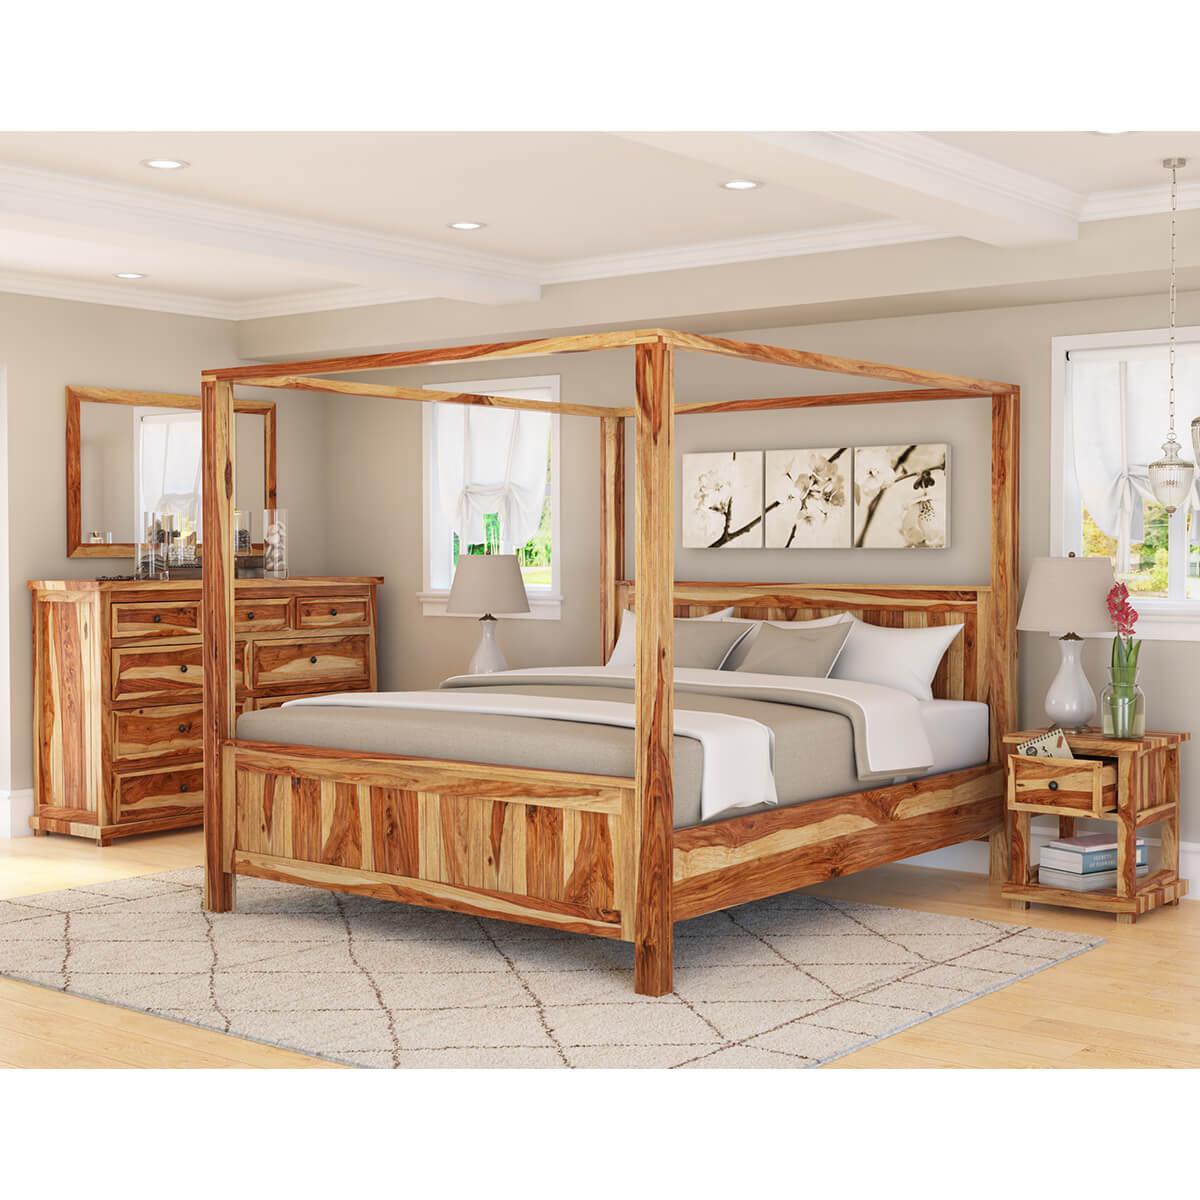 Larvik 4 Piece Bedroom Set